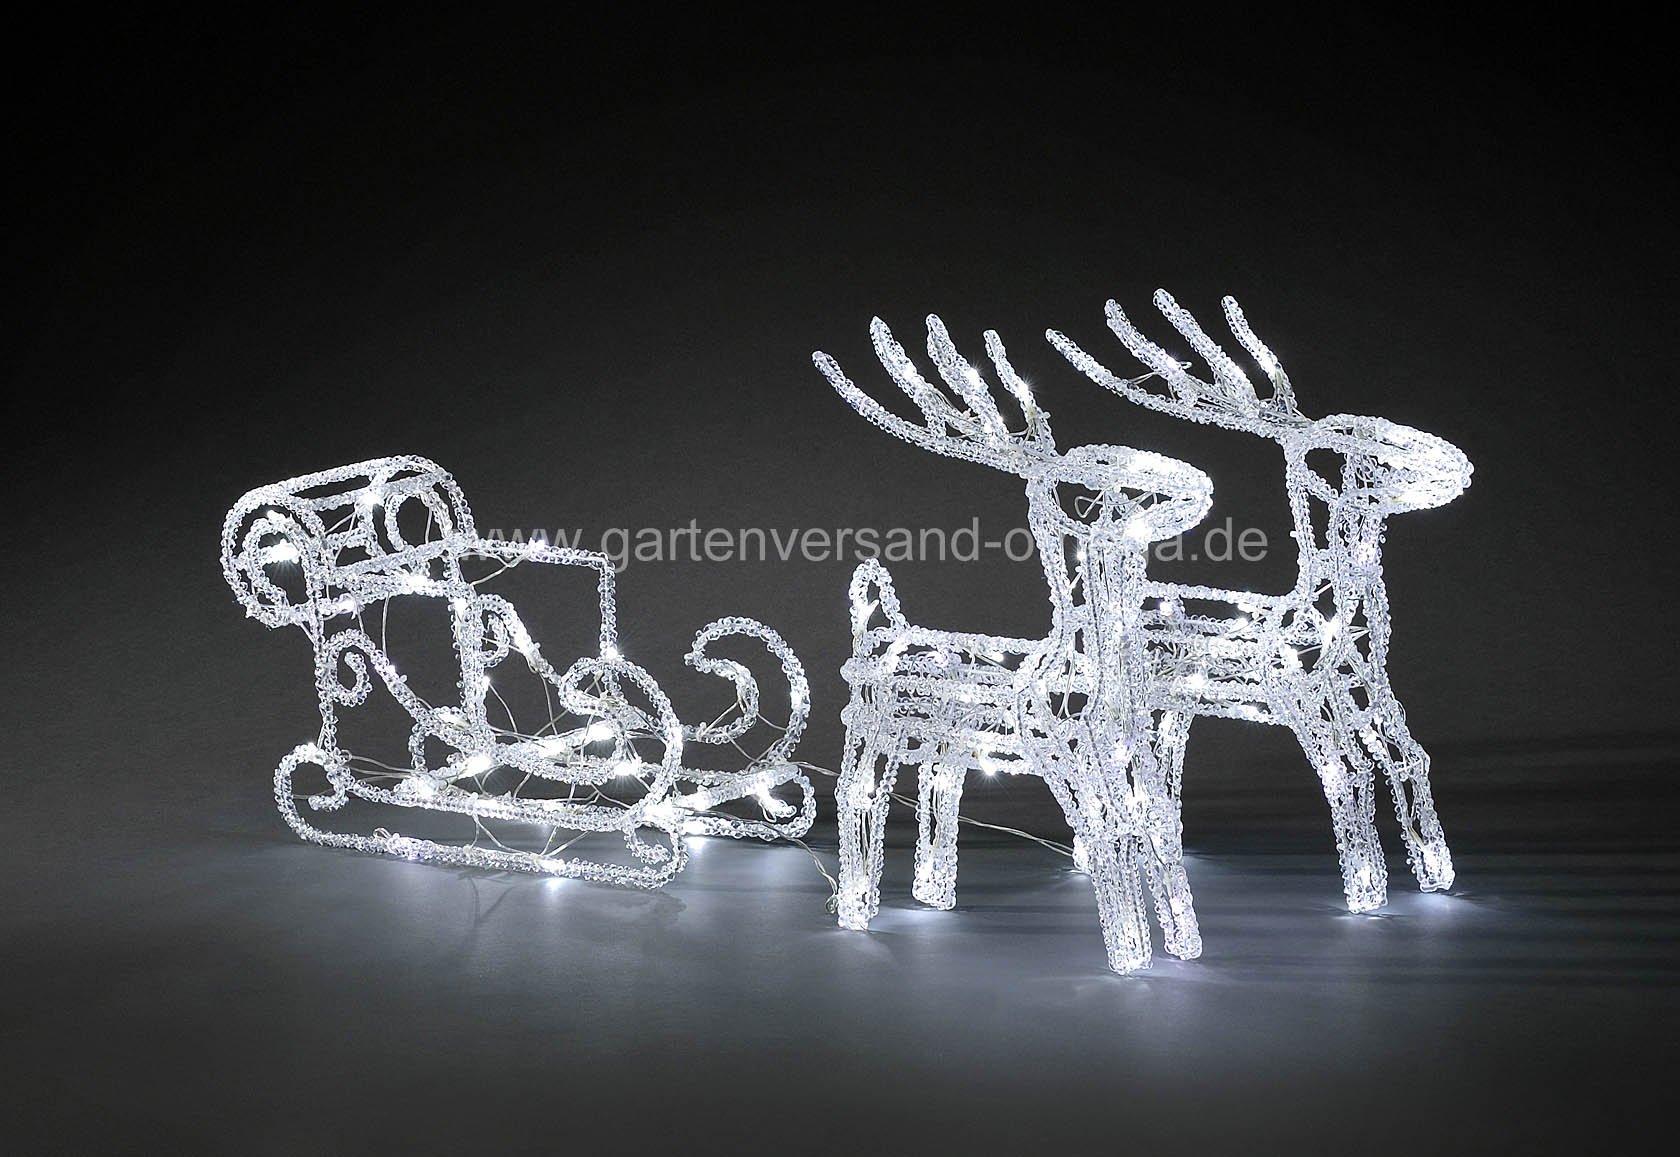 led weihnachtsbeleuchtung rentiere mit schlitten. Black Bedroom Furniture Sets. Home Design Ideas